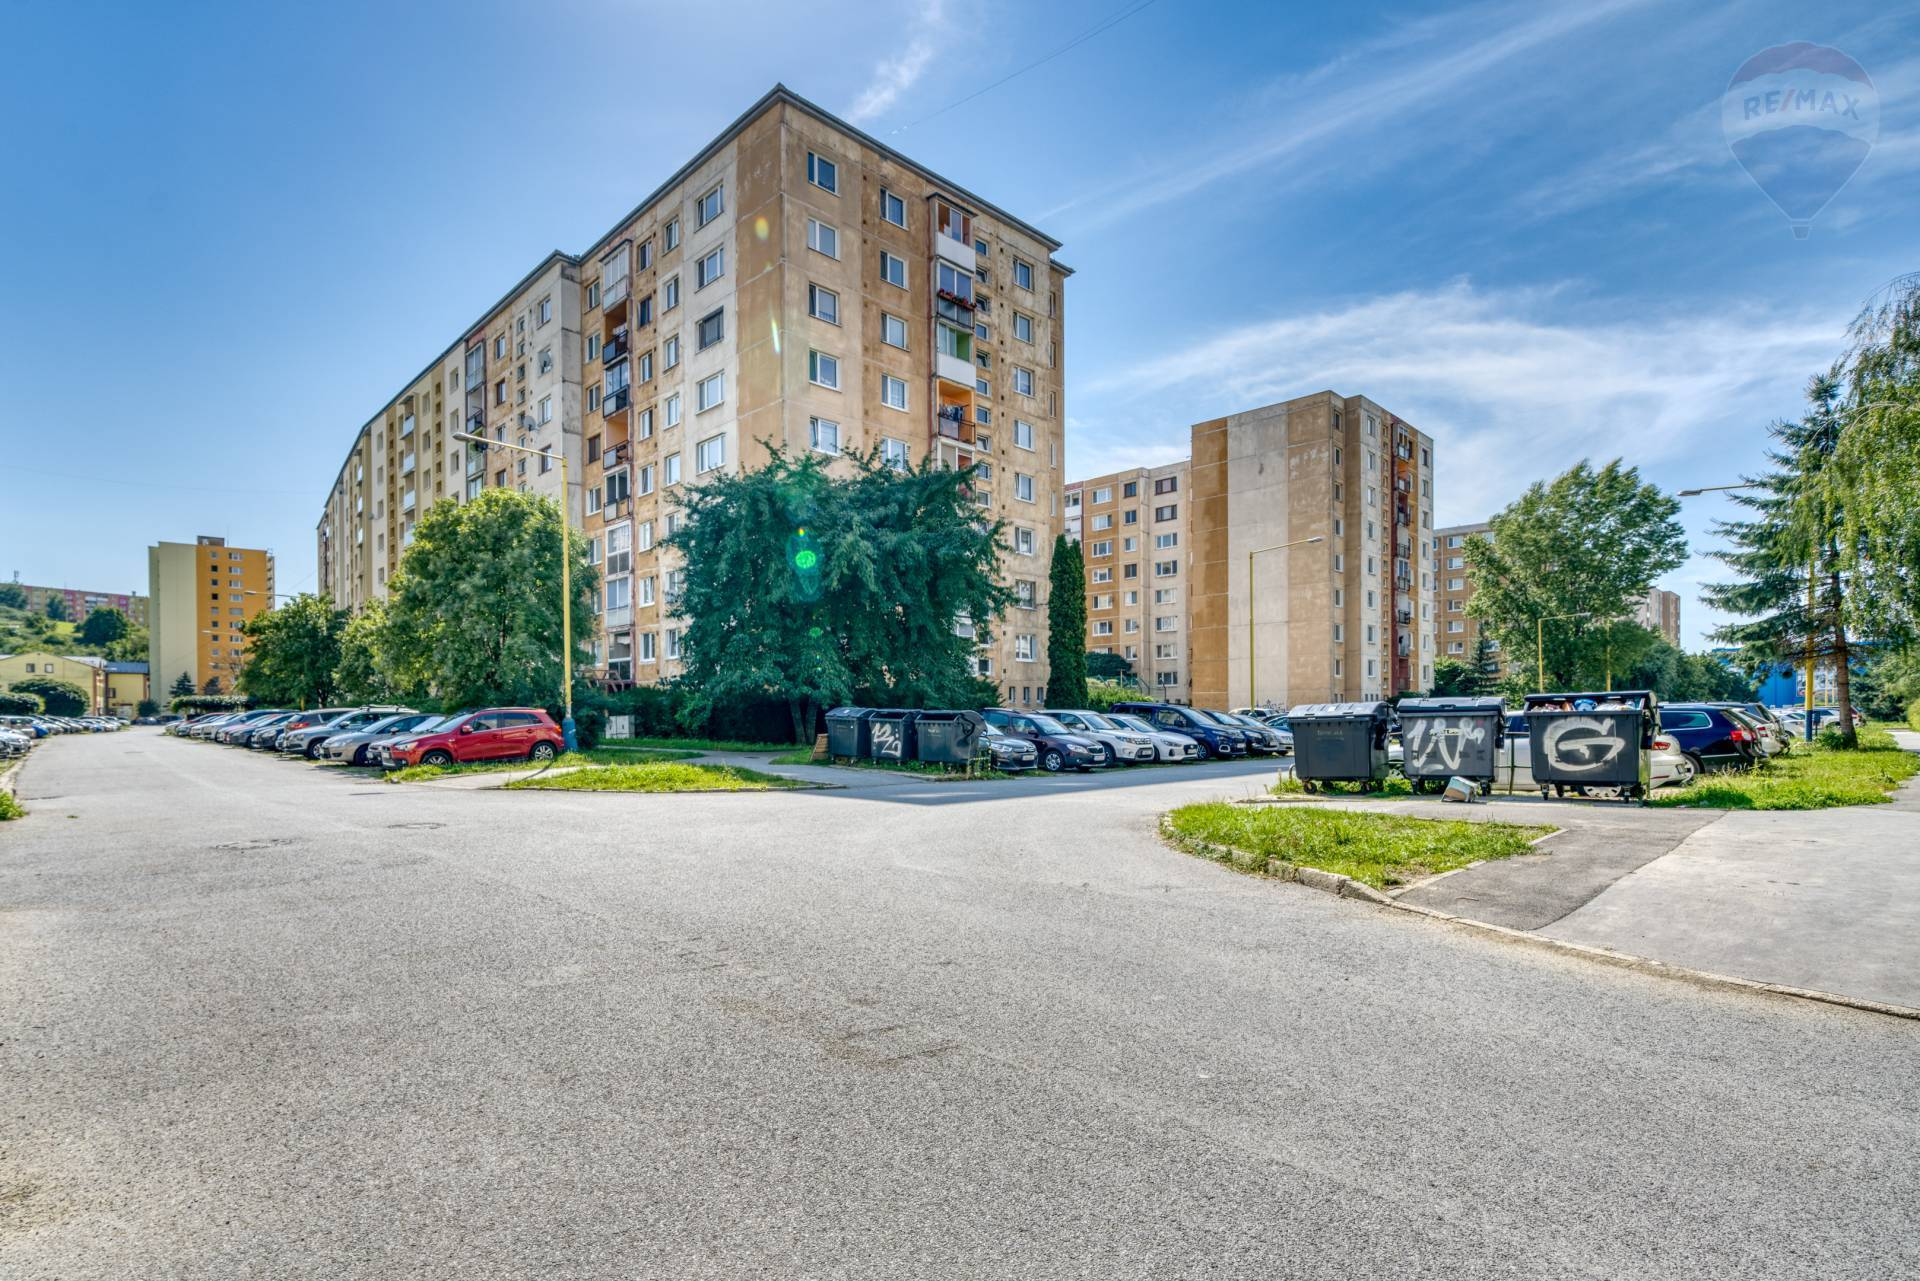 3 izbový byt na predaj, Ďumbierska ulica, Prešov